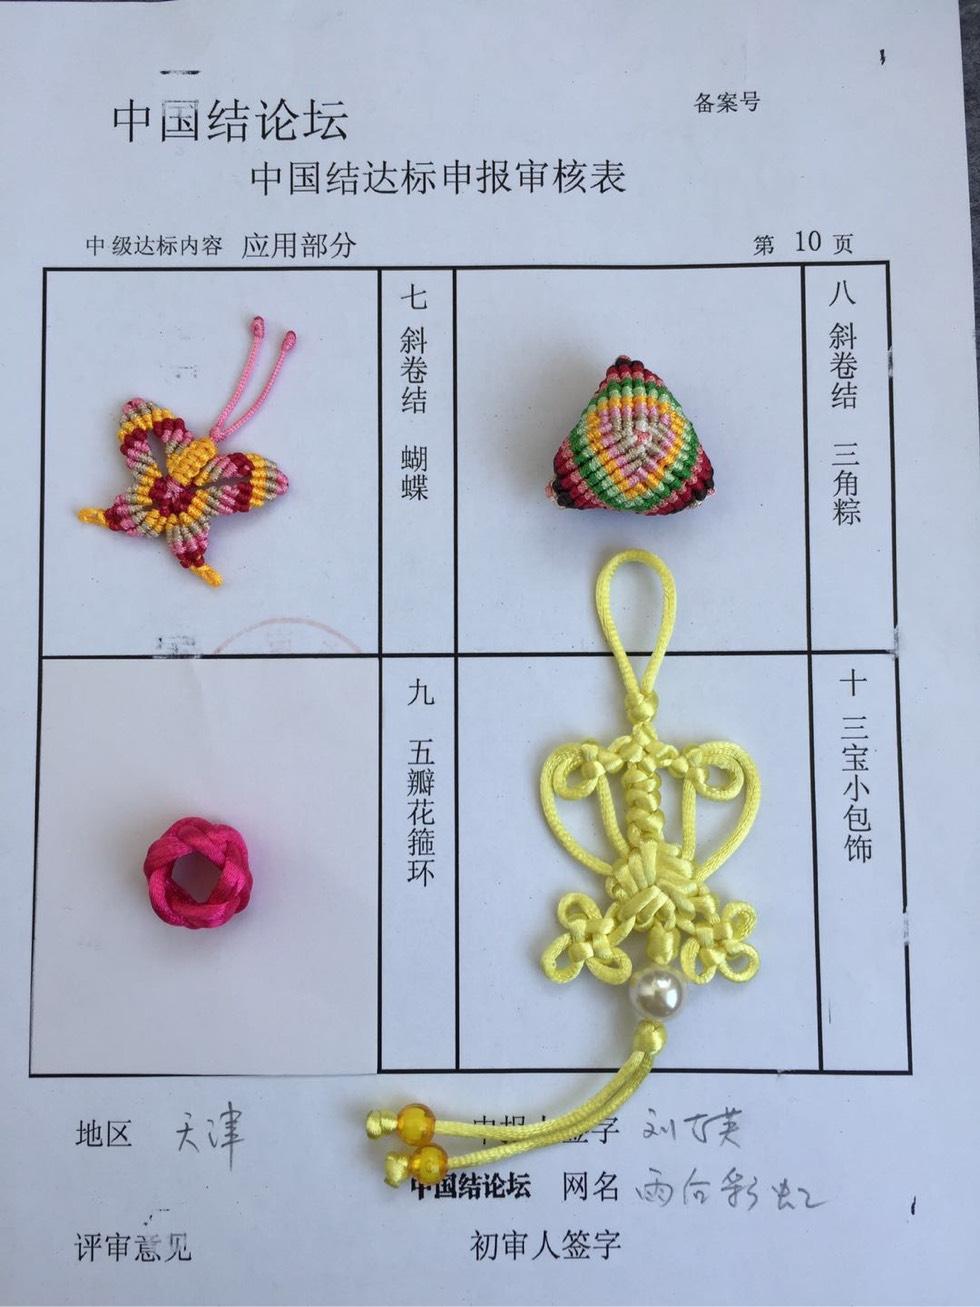 中国结论坛 雨后彩虹中级达标申请稿件  中国绳结艺术分级达标审核 195110n5a58a6aso8aaaah